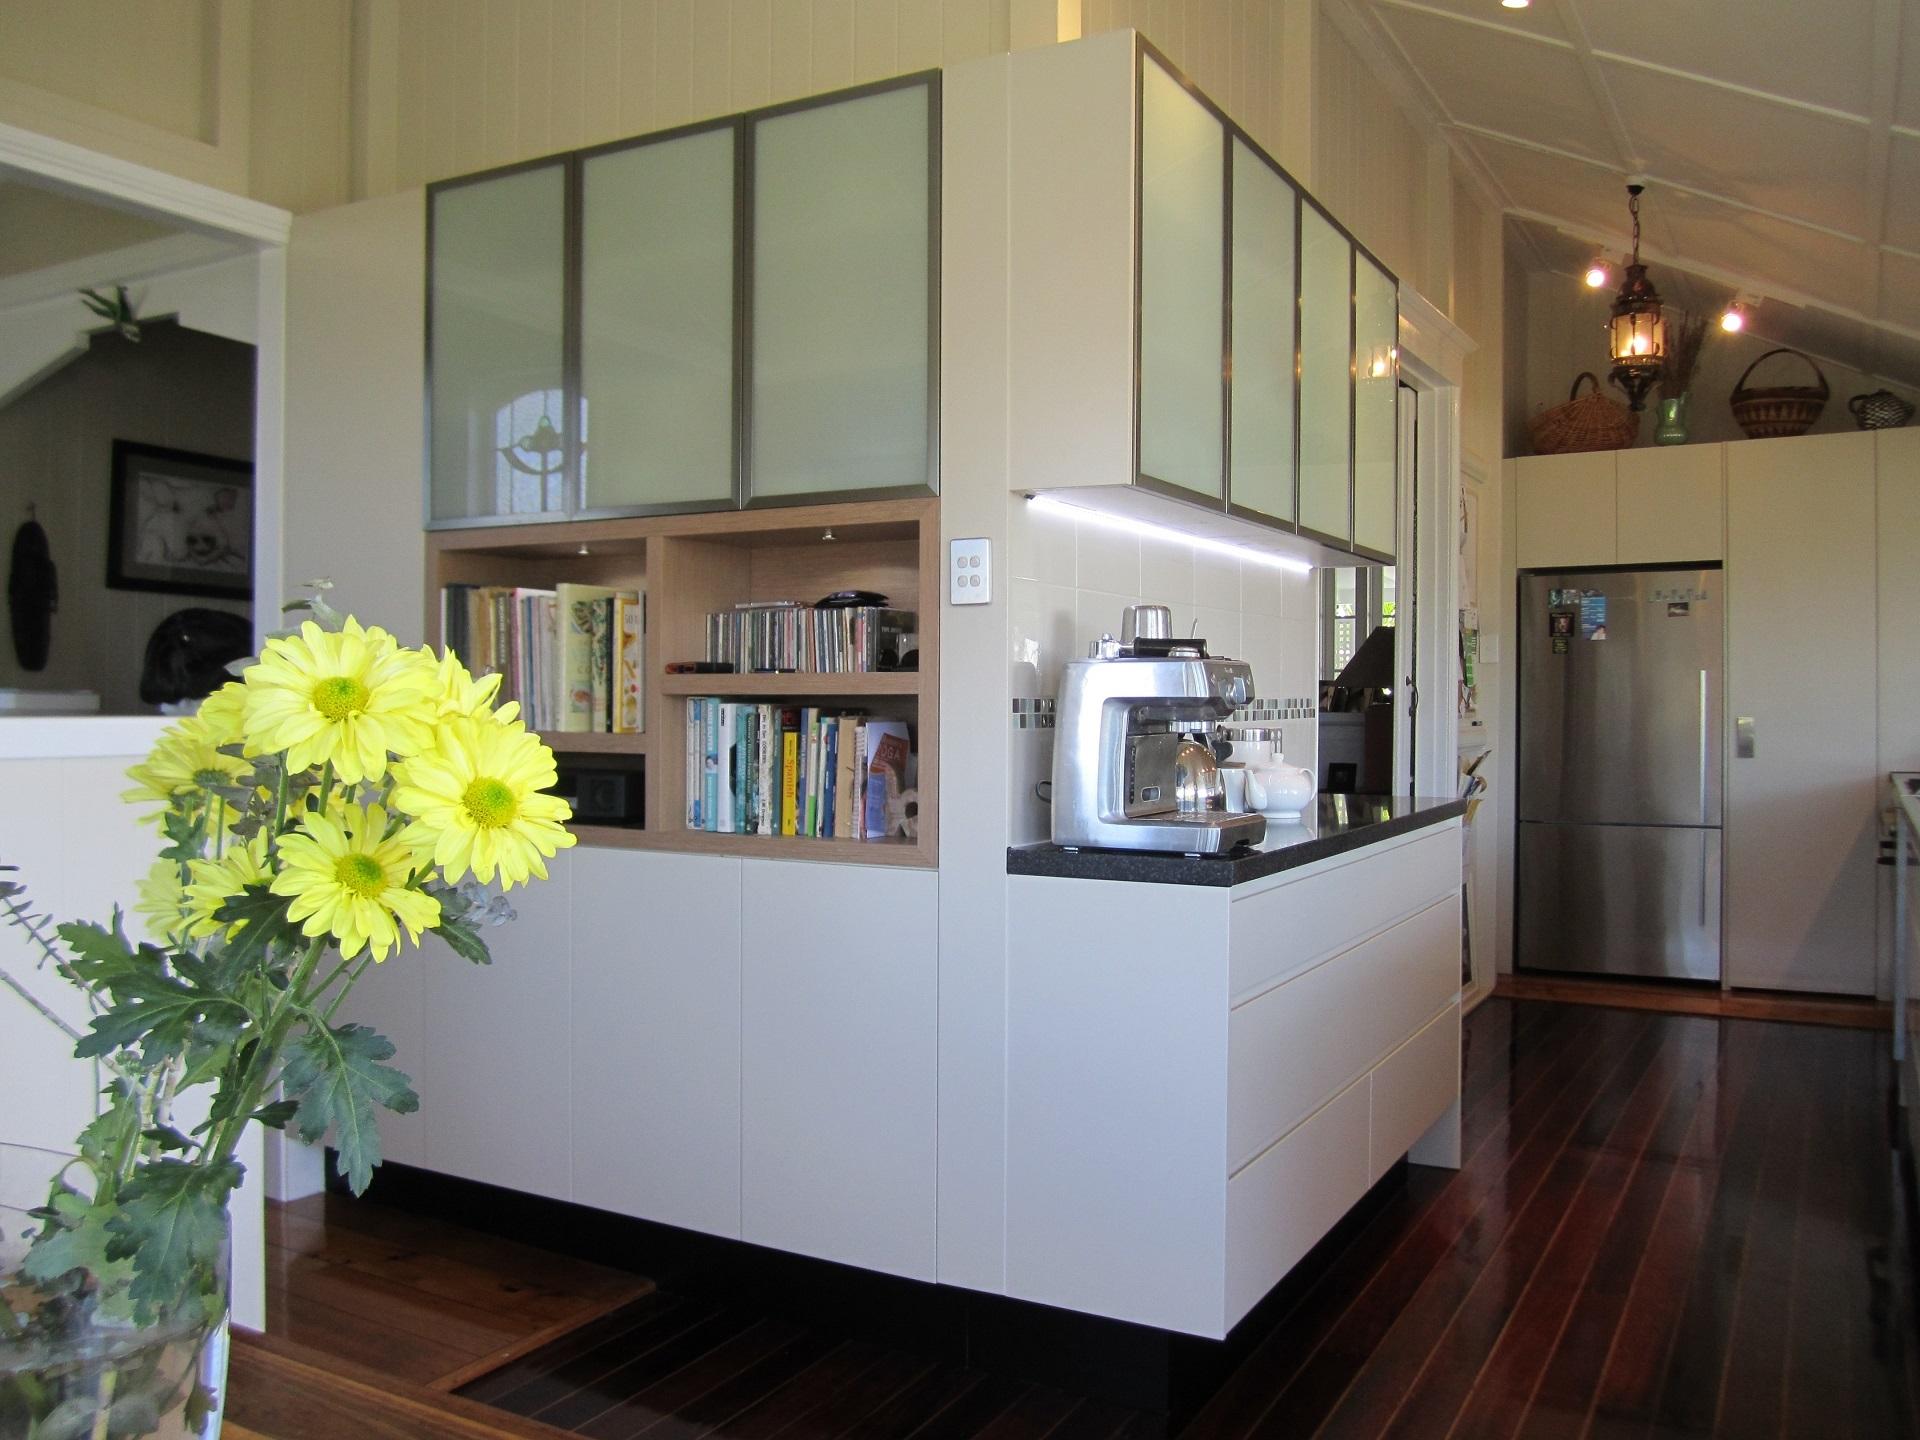 brisbane-kitchen-renovation-wilston-contemporary-kitchen2